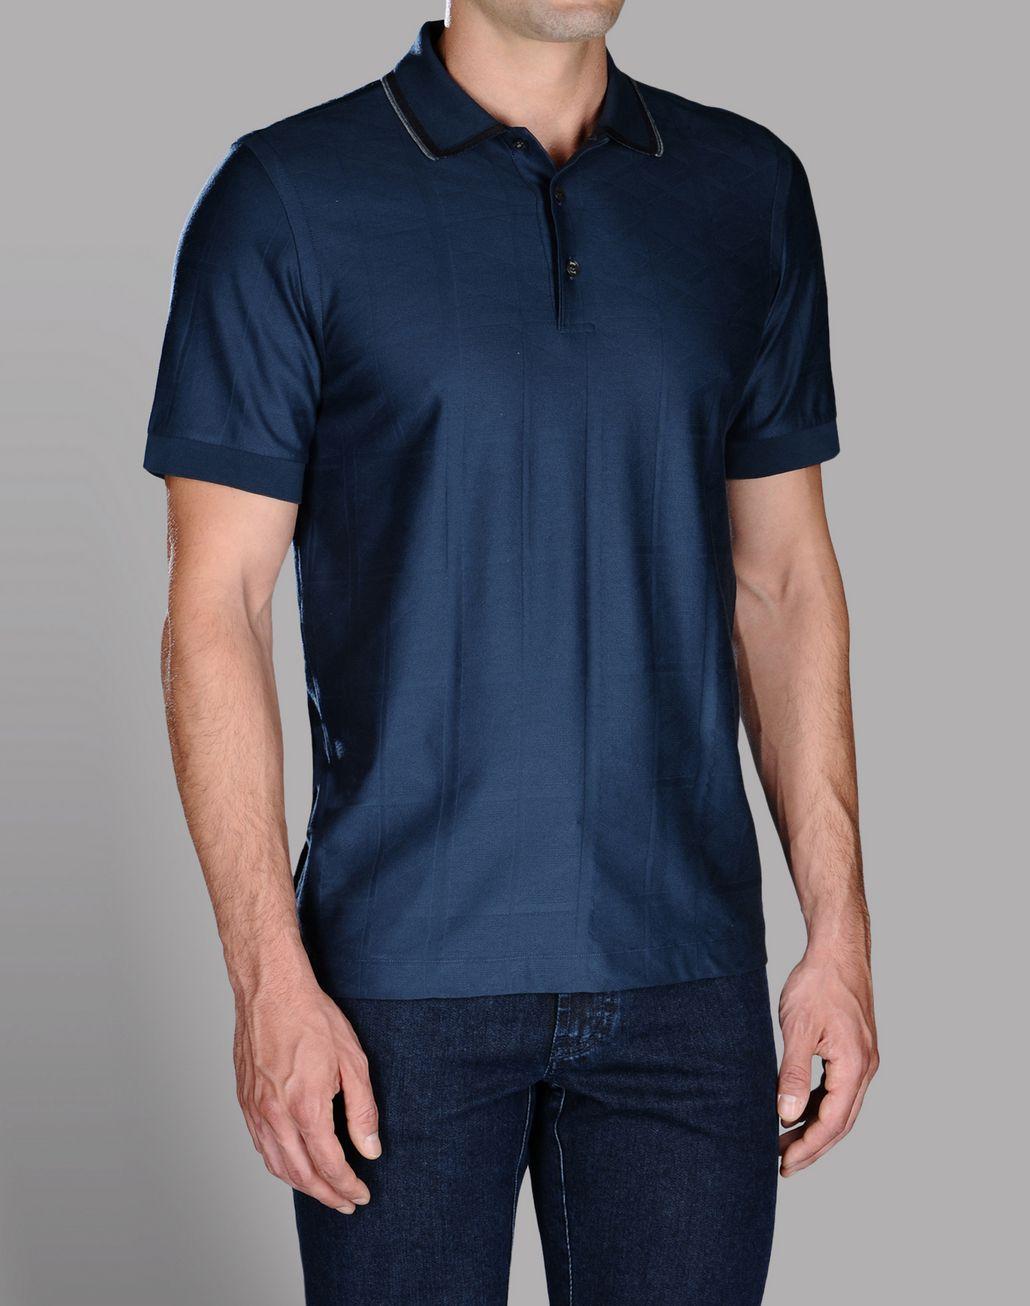 a5462d81 Brioni Men's T Shirts & Polos | Brioni Official Online Store